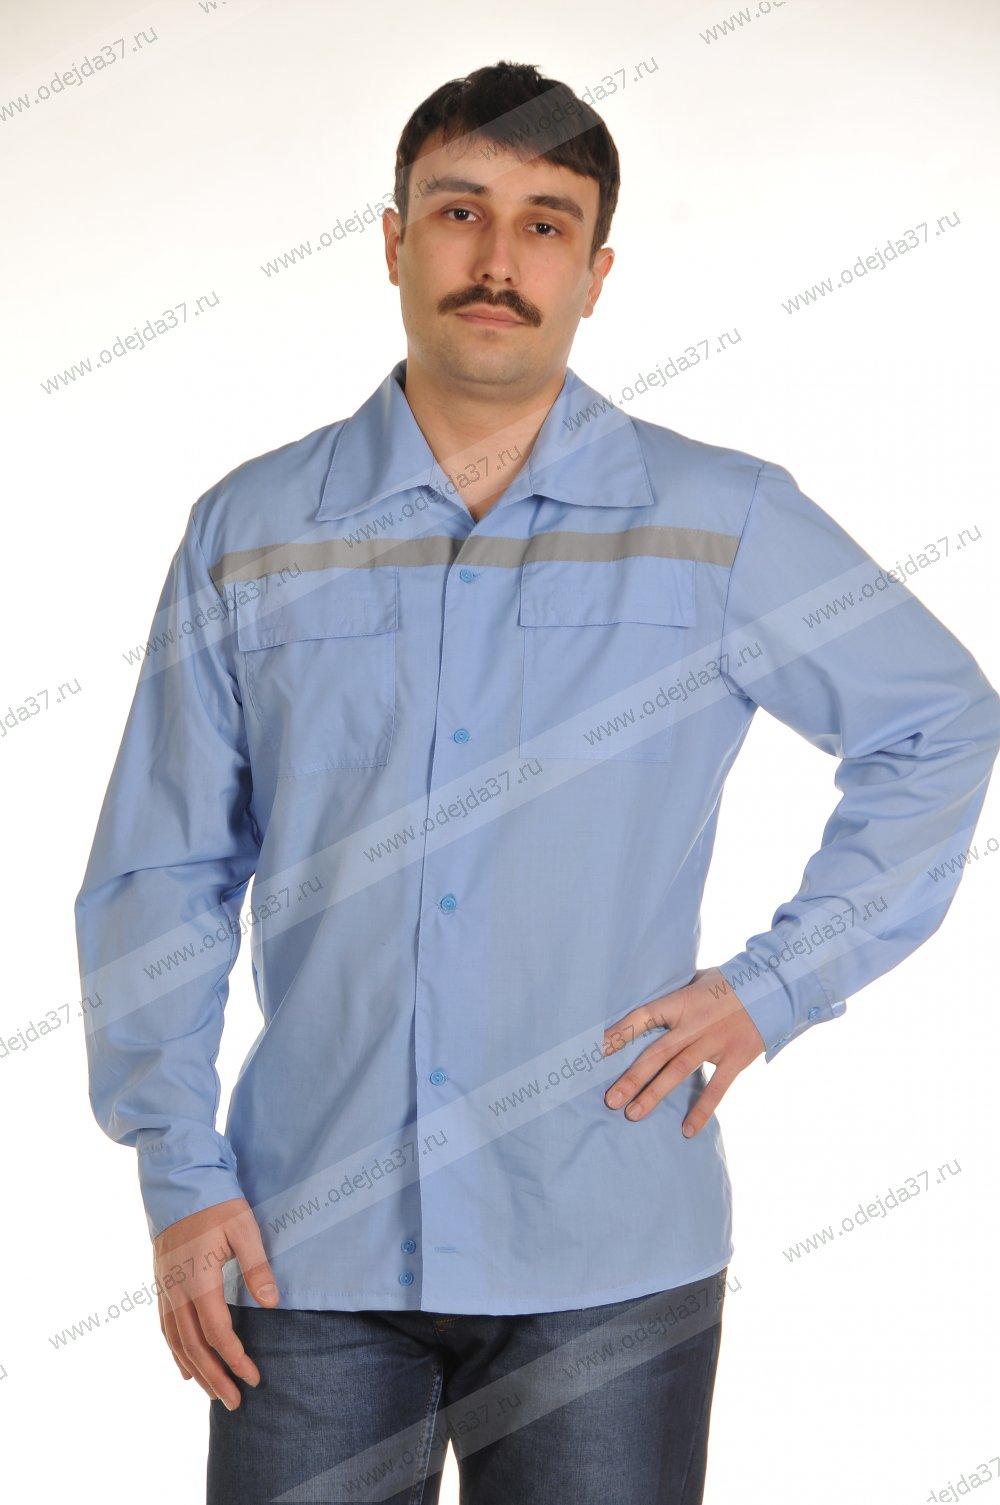 Увеличить - Рубашка мужская для скорой помощи №226